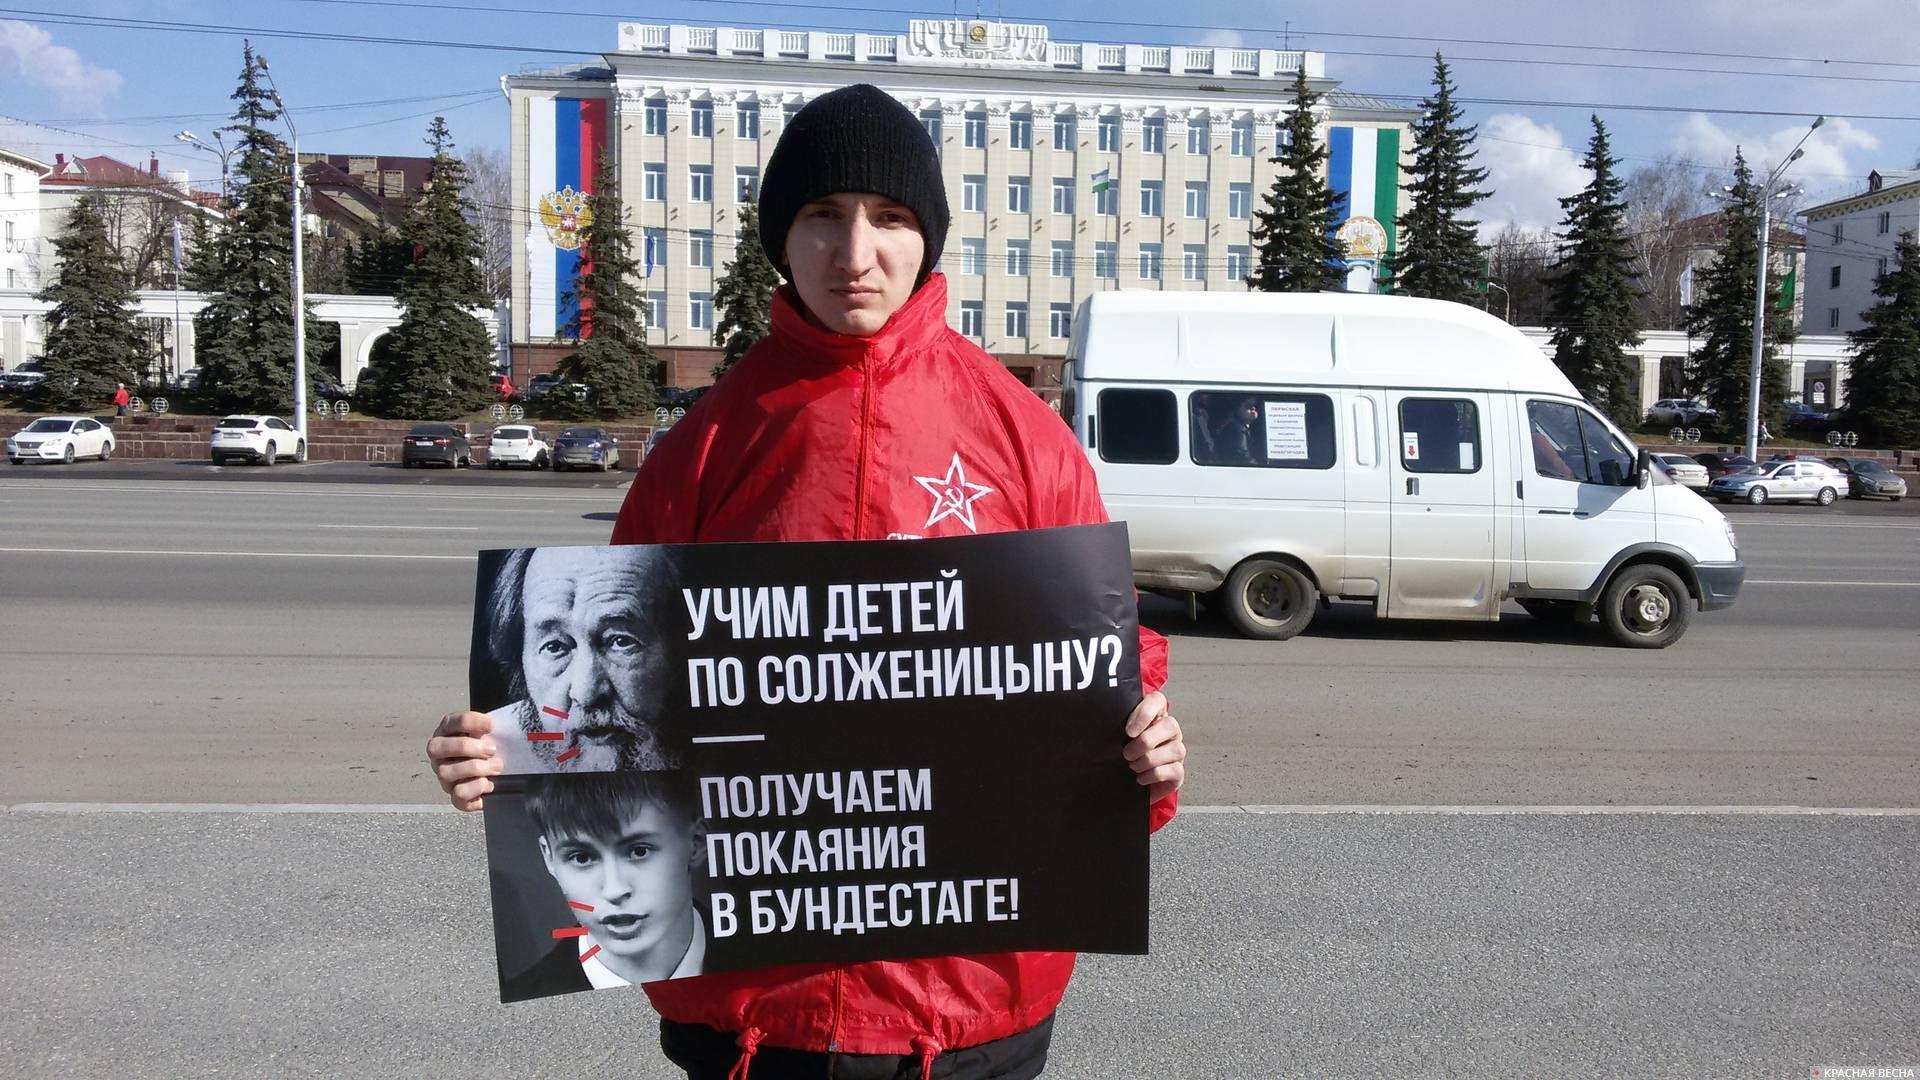 20180711_18-43-Рязанский музей Солженицына обойдется бюджету в 134 млн рублей